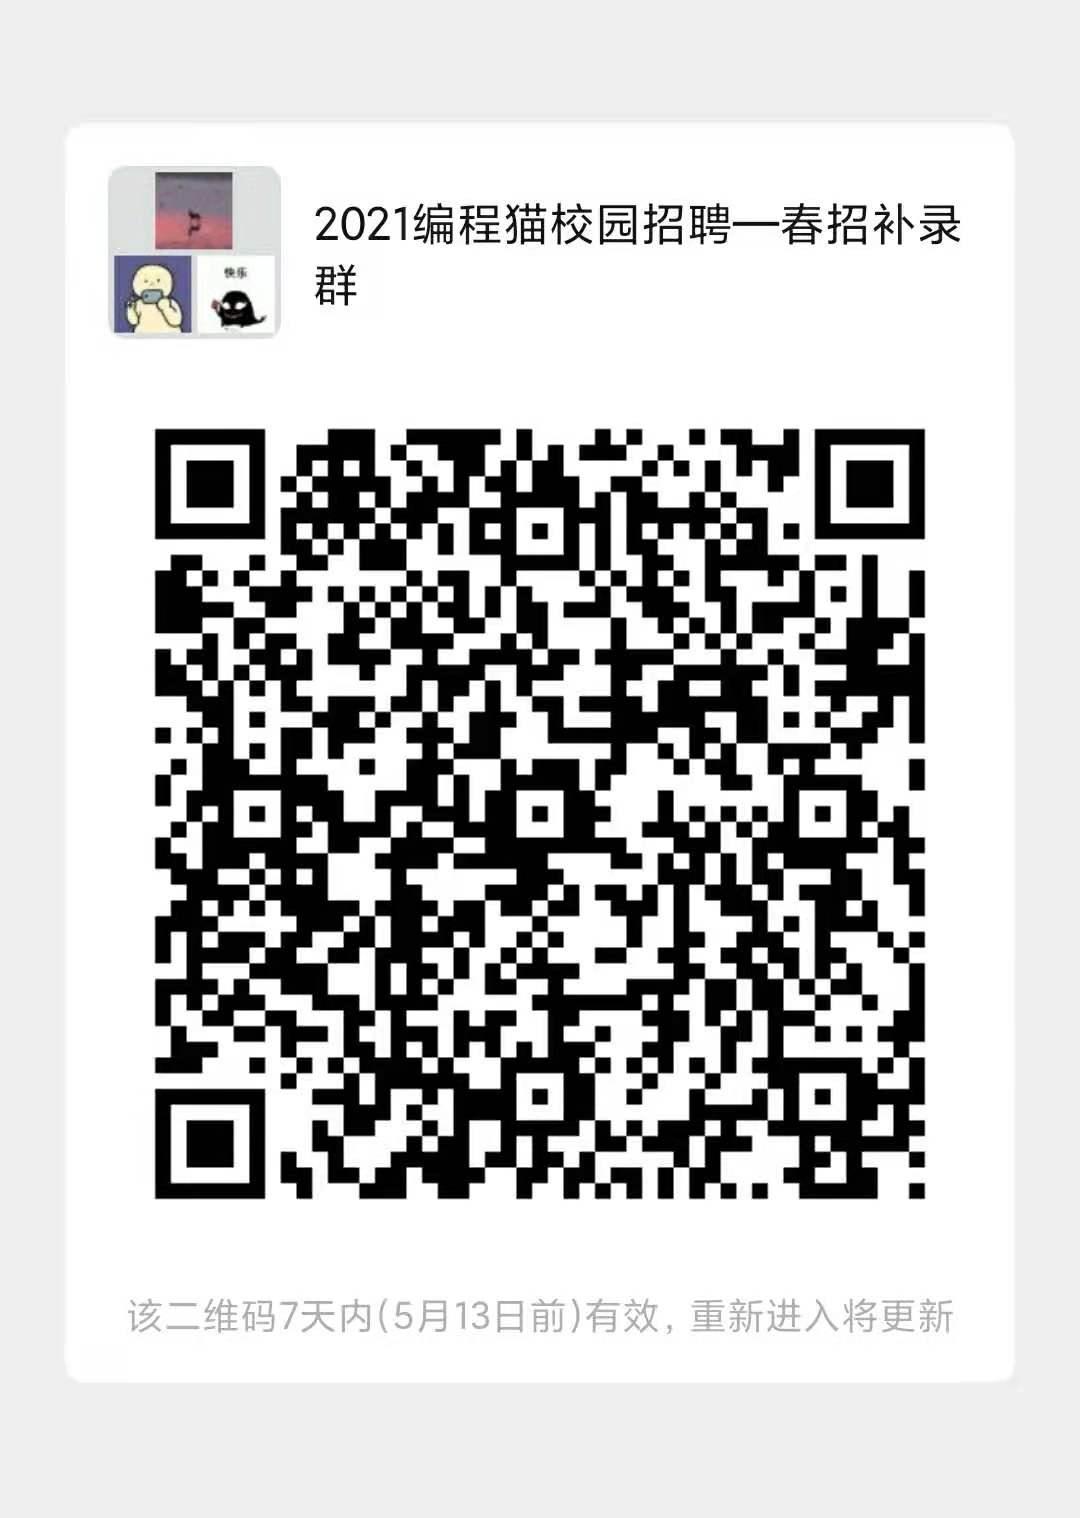 8a1b5a63f32c57266f12e7f93e4b3cc.jpg